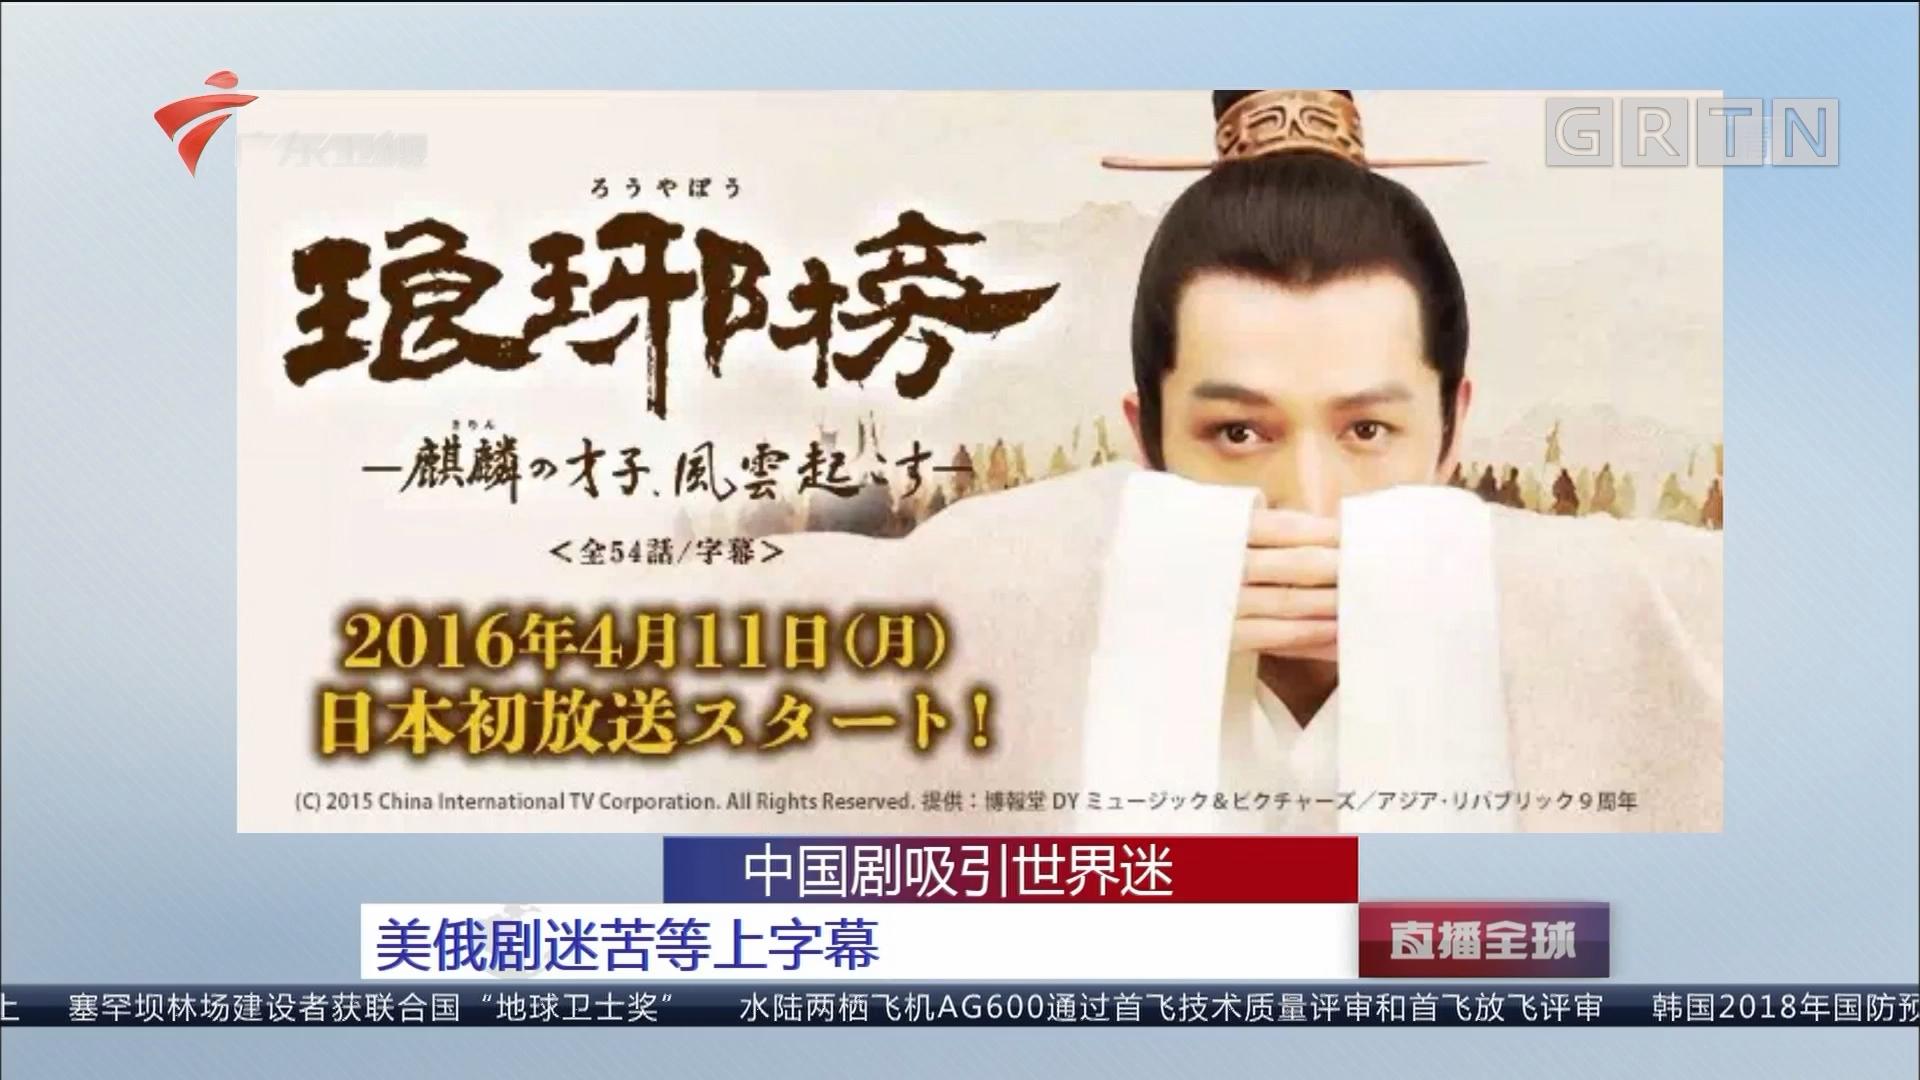 中国剧吸引世界迷 美俄剧迷苦等上字幕